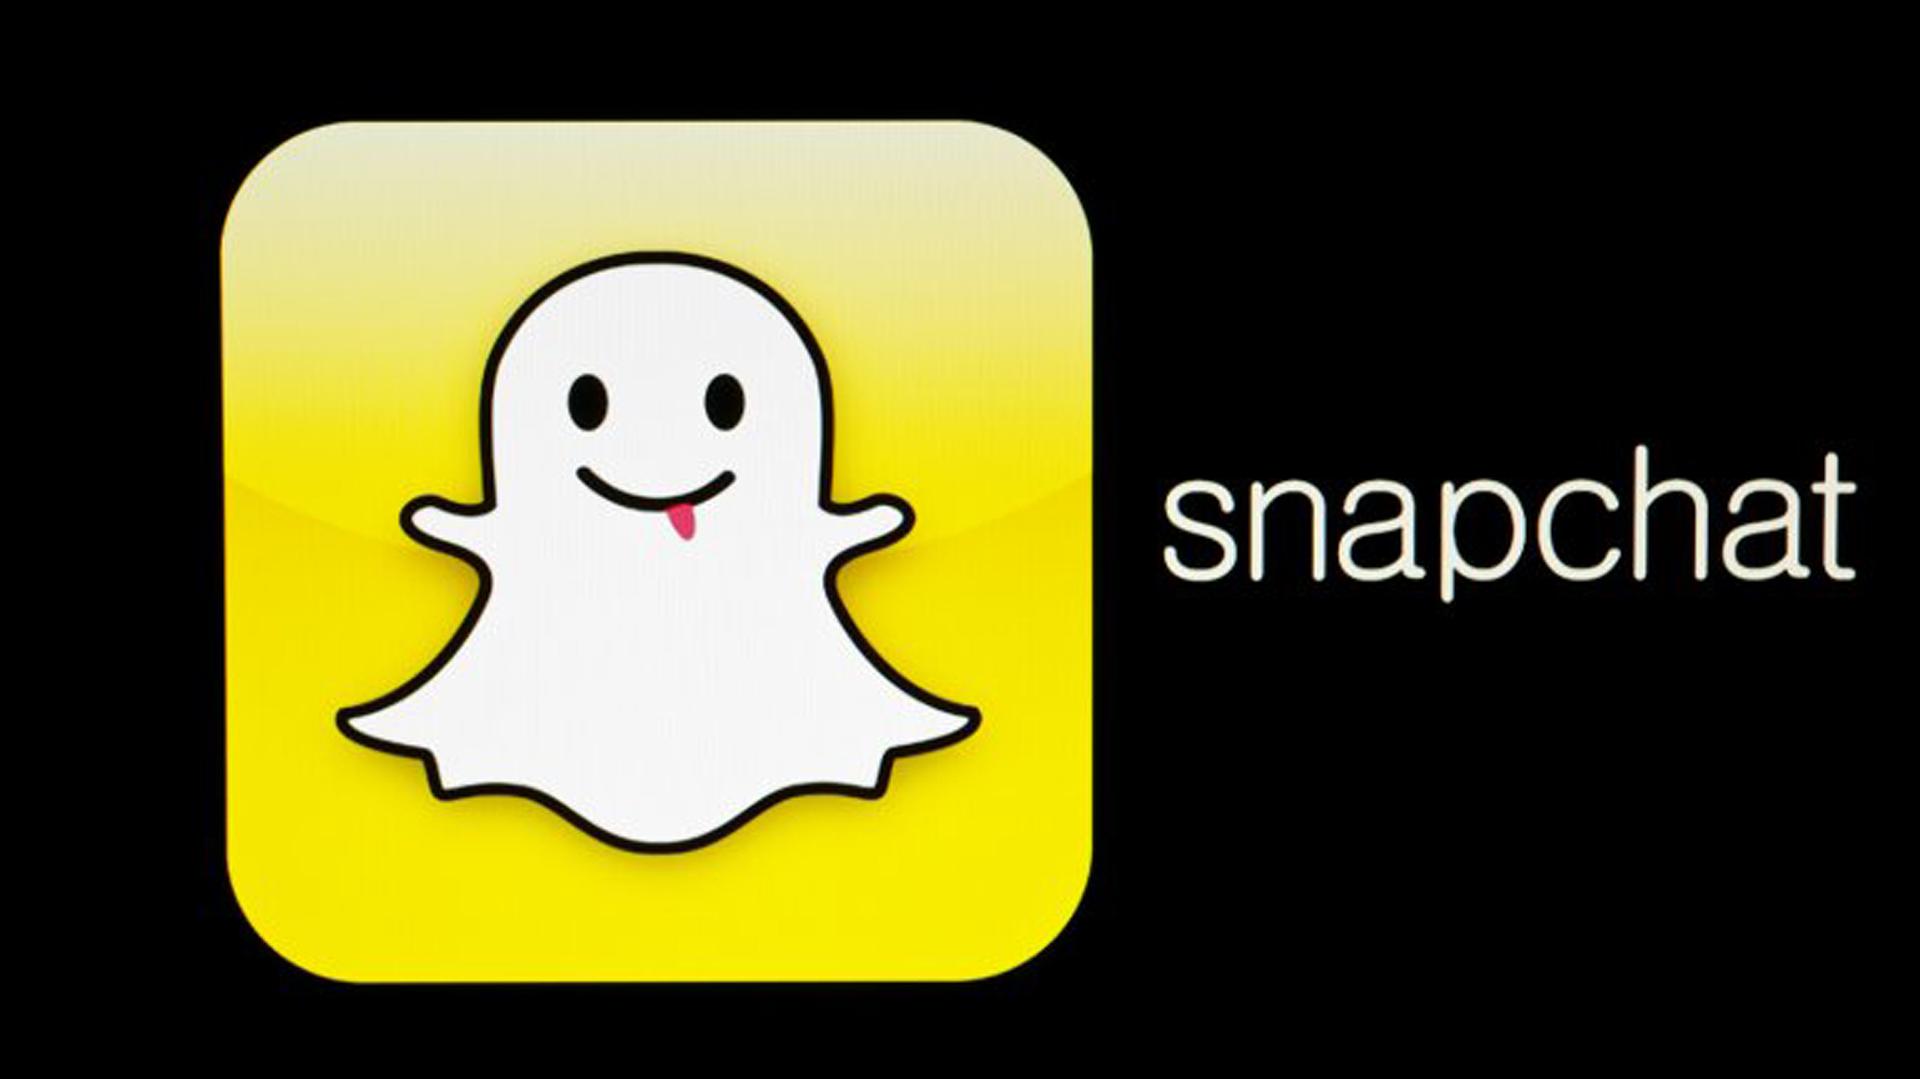 En 2017, Snapchat ganó alrededor de 1.9 millones de usuarios jóvenes